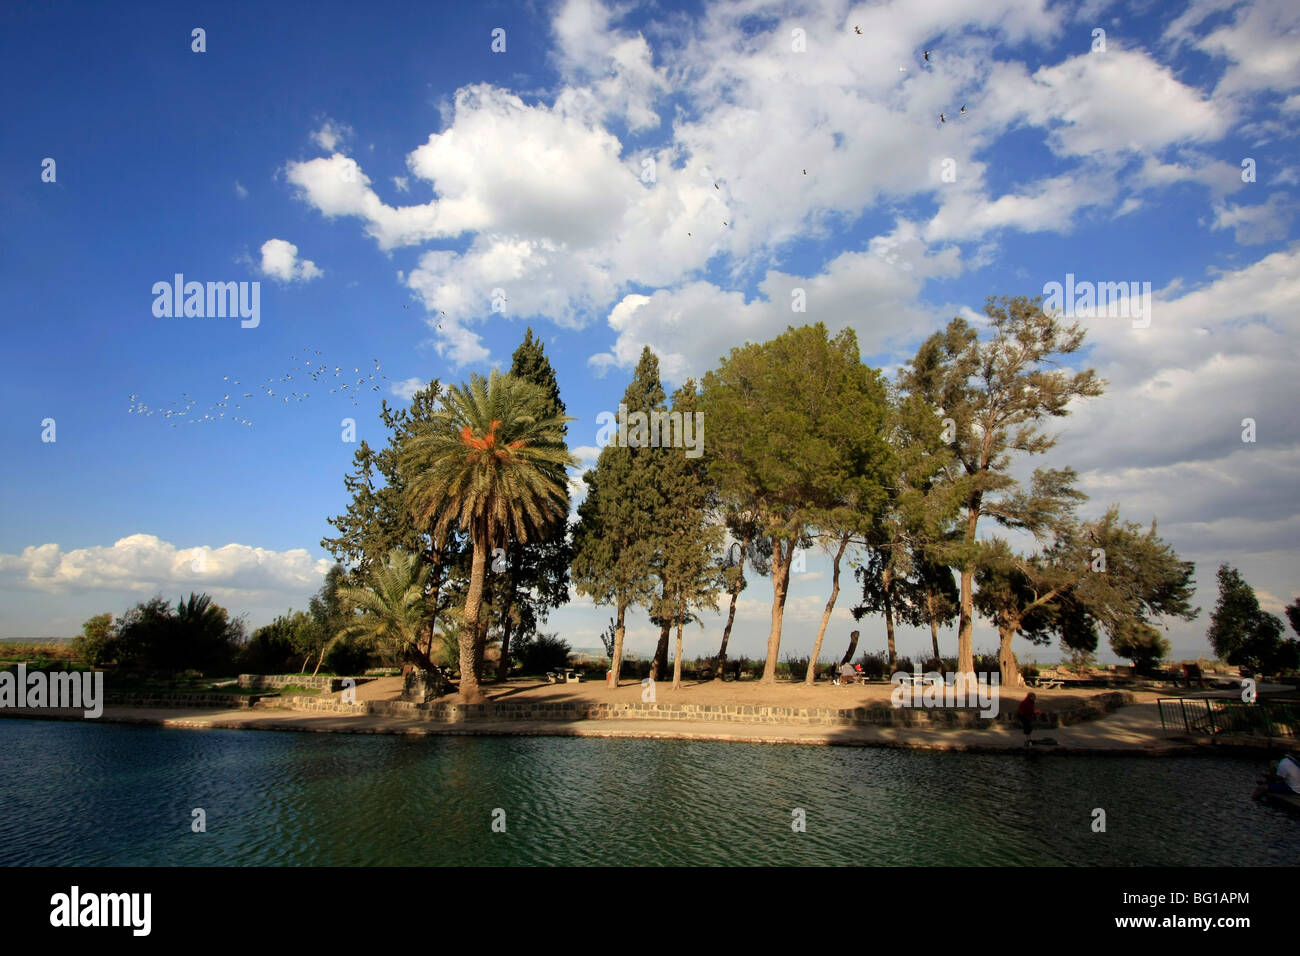 Israele, Beth Shean valley. Ein Moda (Moda Primavera) Immagini Stock